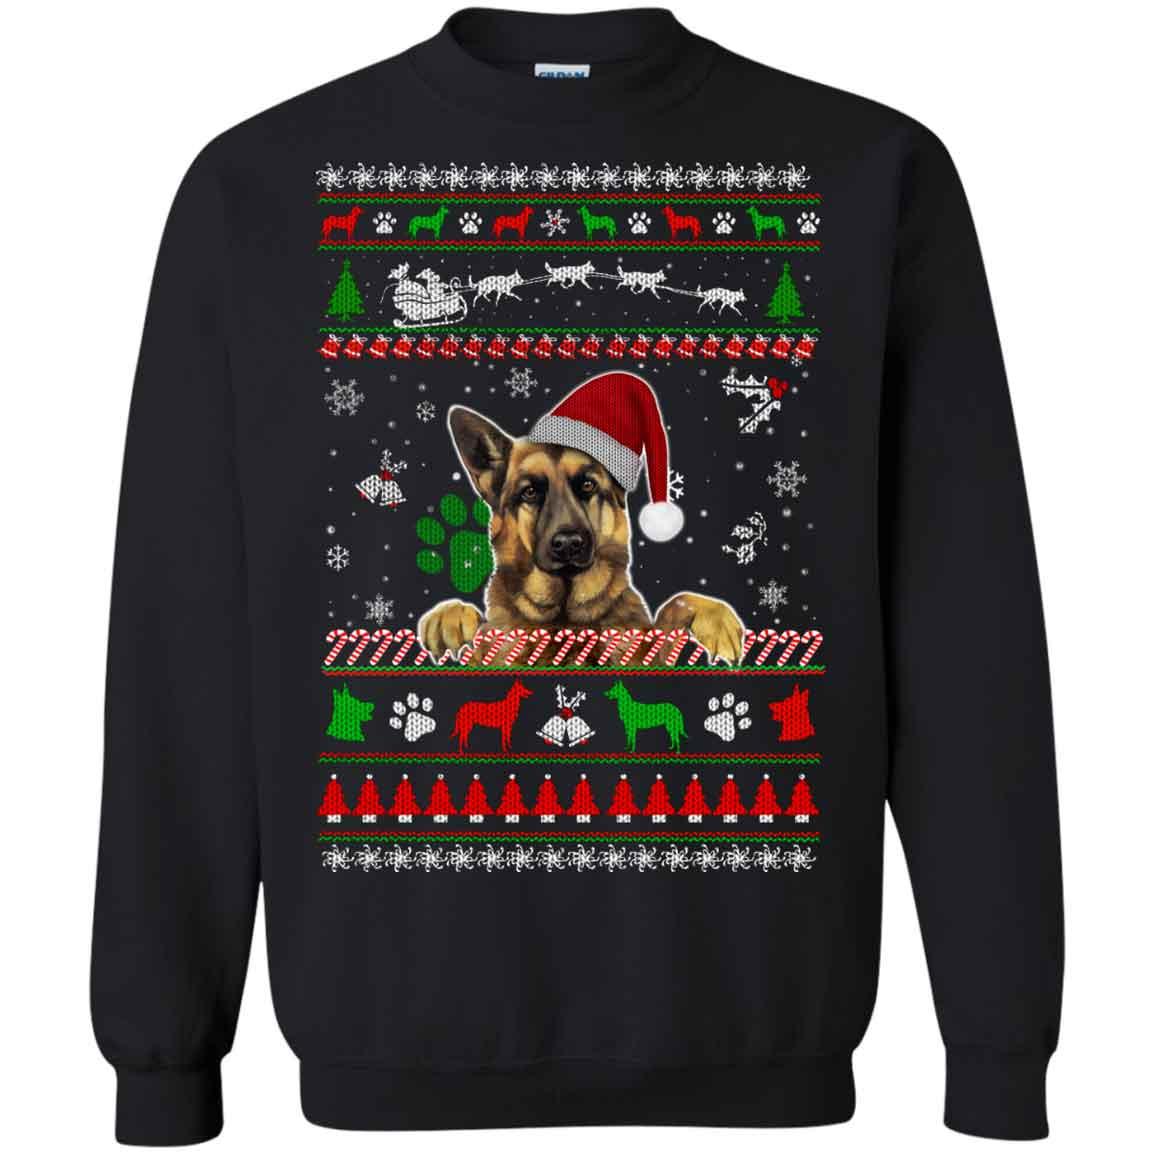 German Shepherd Christmas Sweater.German Shepherd Ugly Christmas Sweater Hoodies Sweatshirts